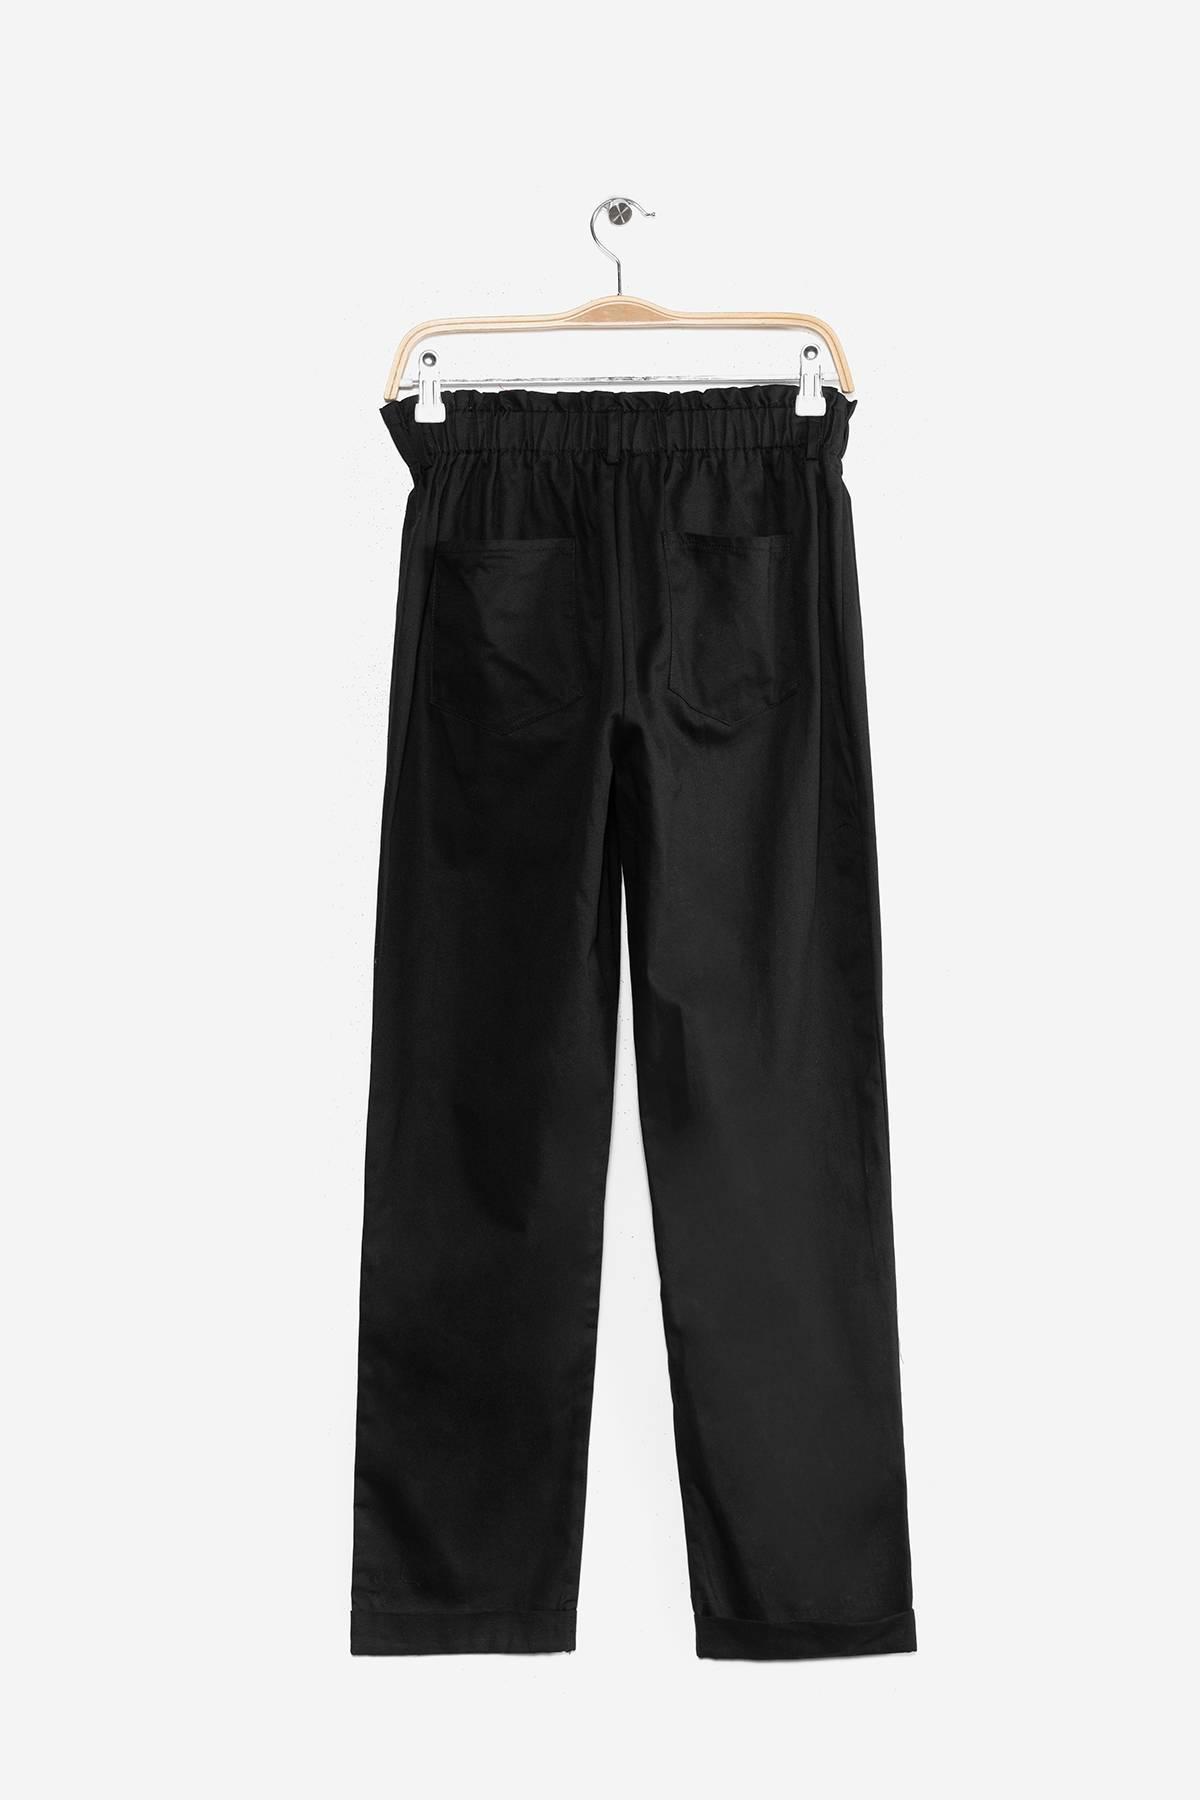 Pantalon Unicolor Con Elastico Atrevida By Eclipse De Prati Tienda Online